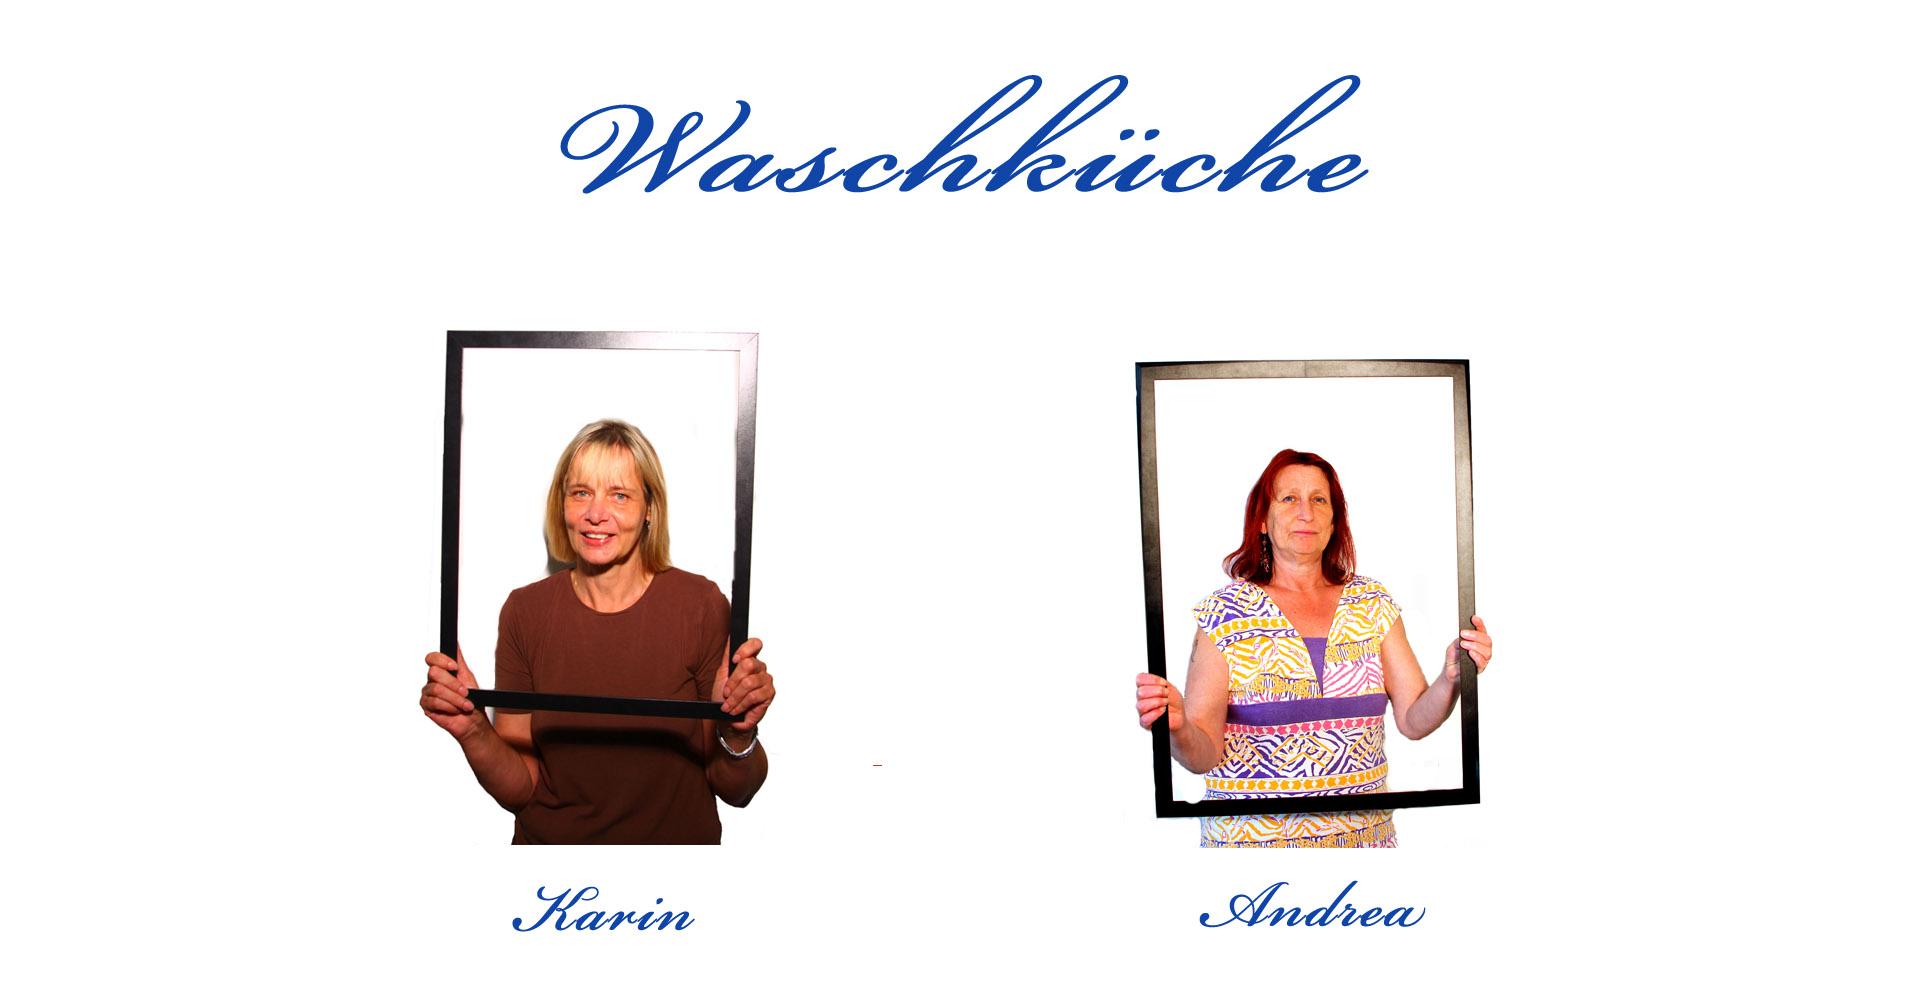 Mitarbeiter in der Waschküche